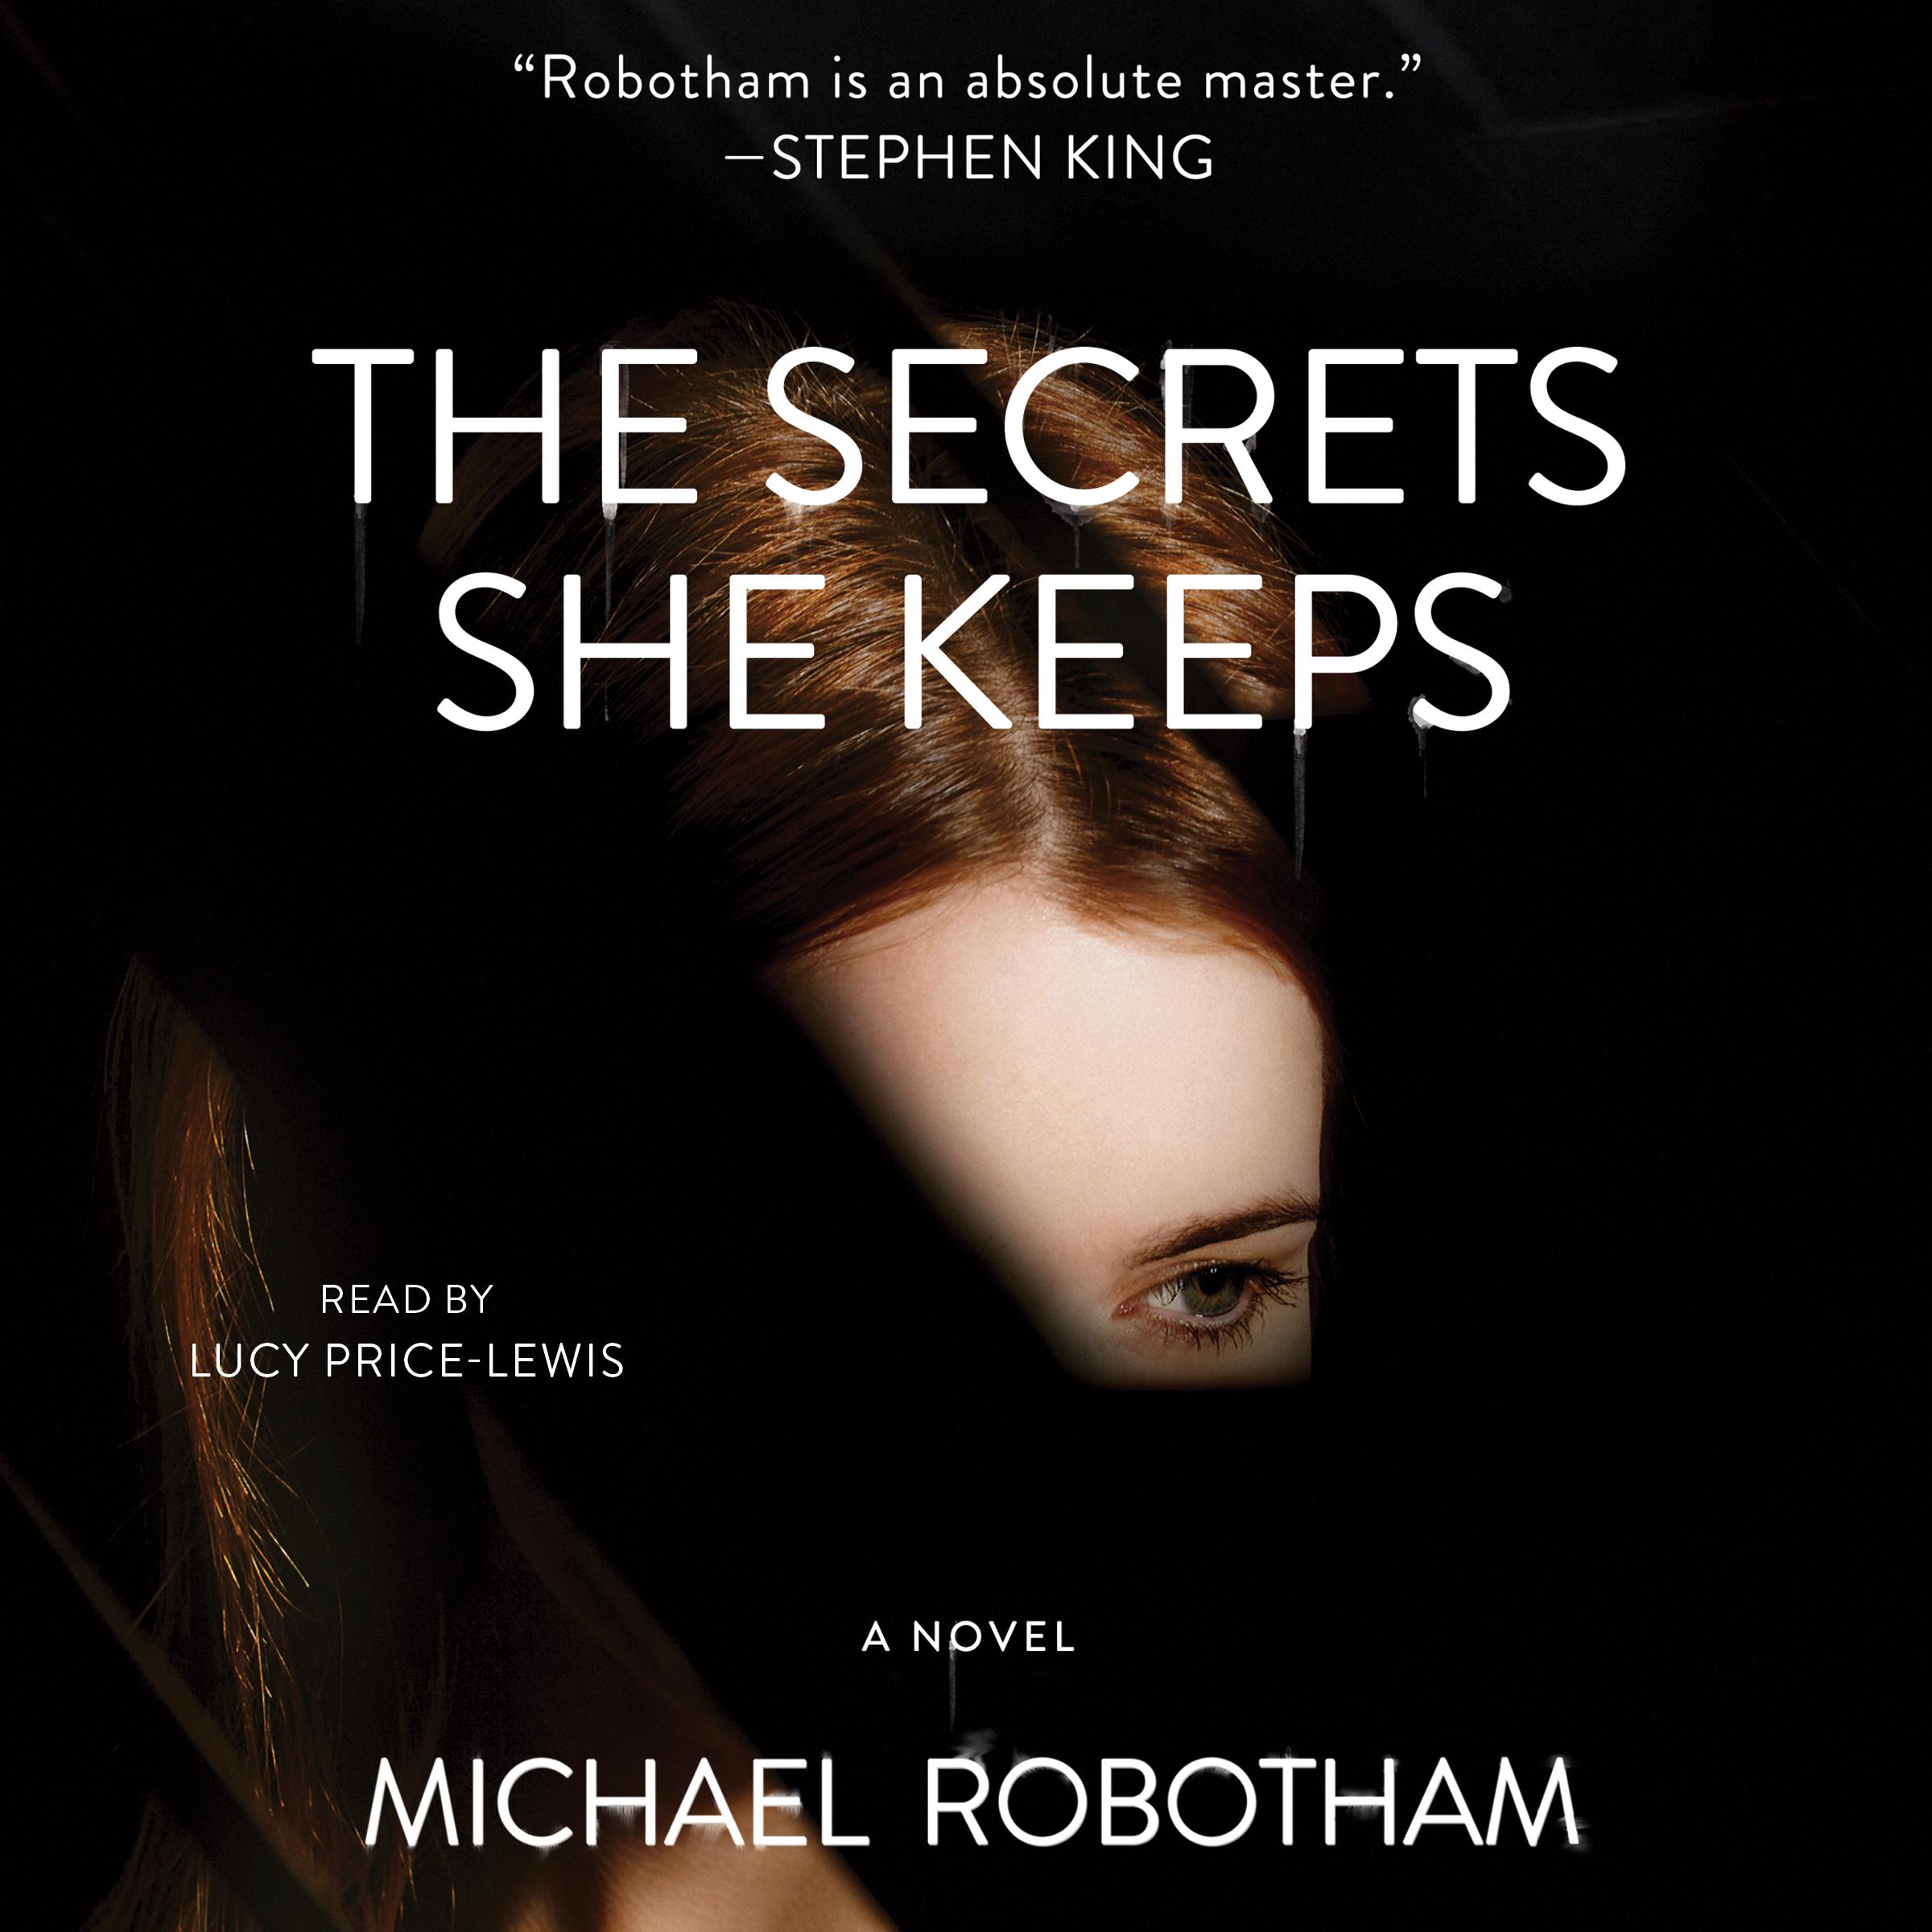 The secrets she keeps 9781508237396 hr